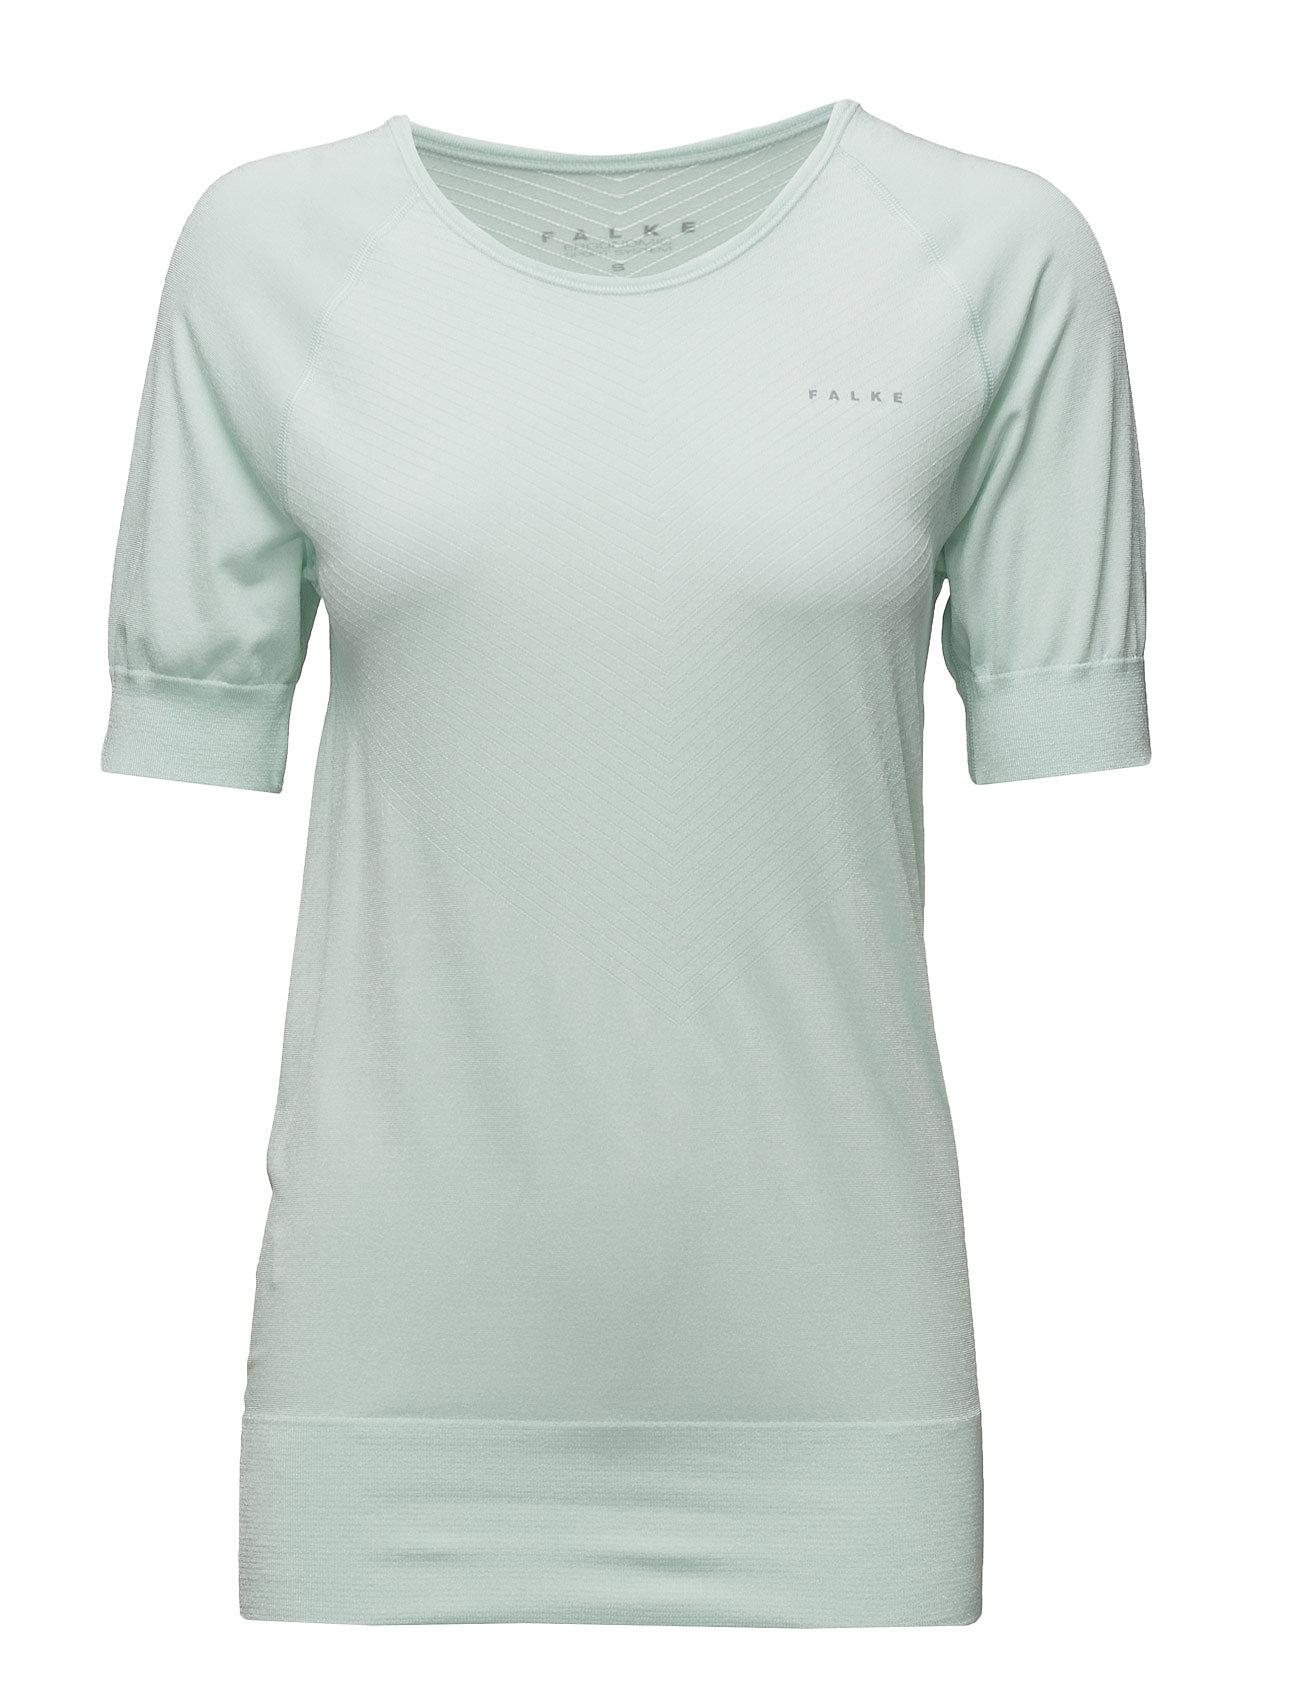 e68e214e Superfine T-Shirt W Falke Sport Kjører T-Skjorter til i fantastisk kvalitet